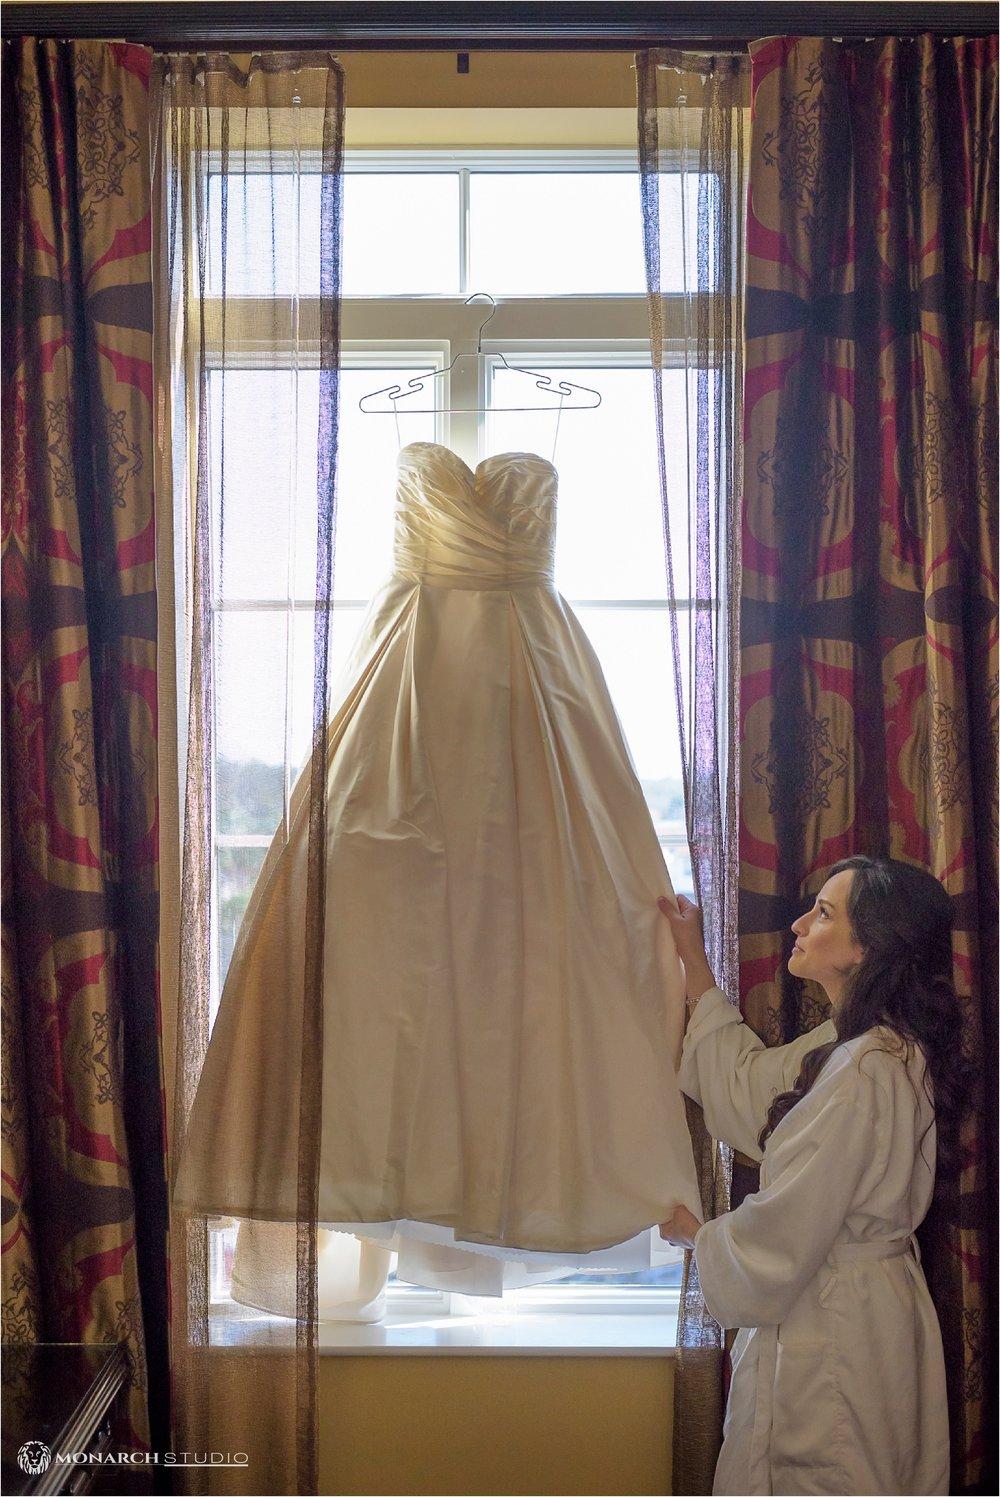 st-augustine-wedding-venue-treasury-on-the-plaza-004.jpg